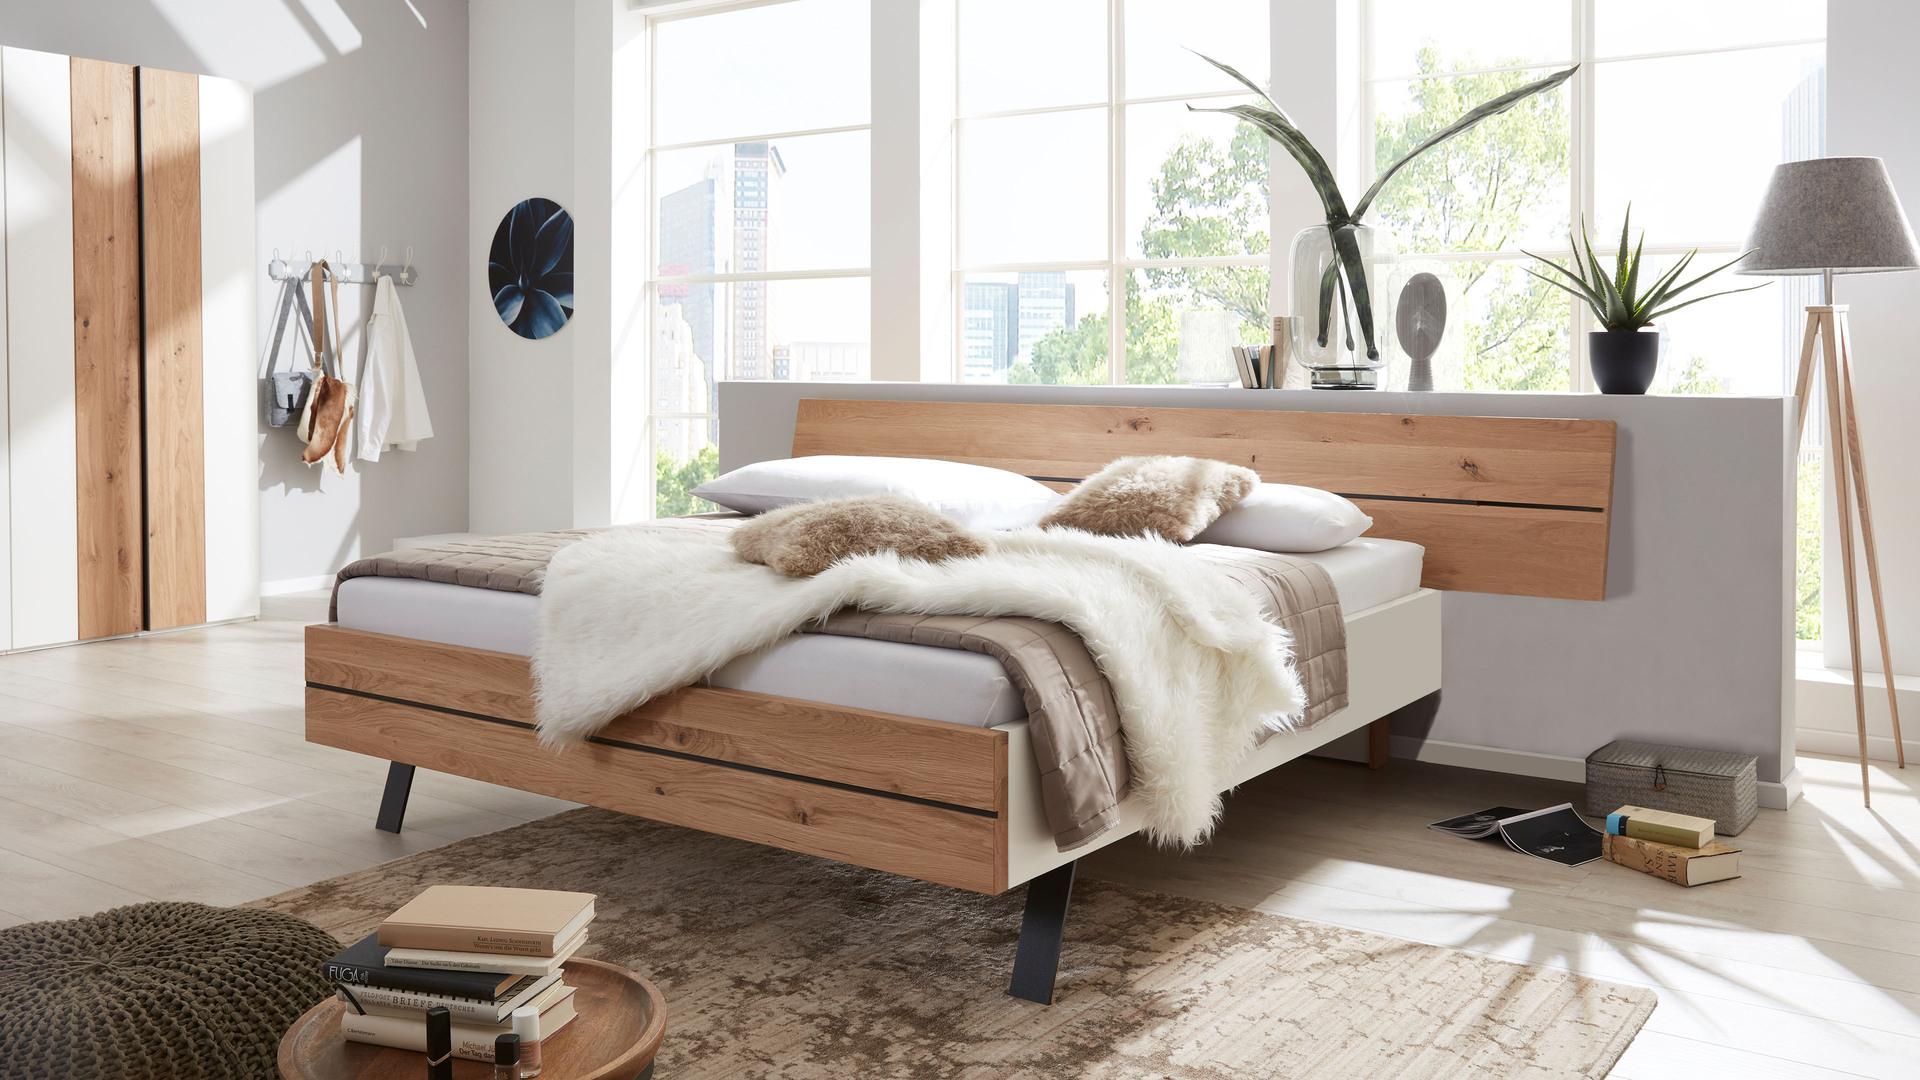 Interliving Schlafzimmer Serie 1019 – Bettgestell 523391